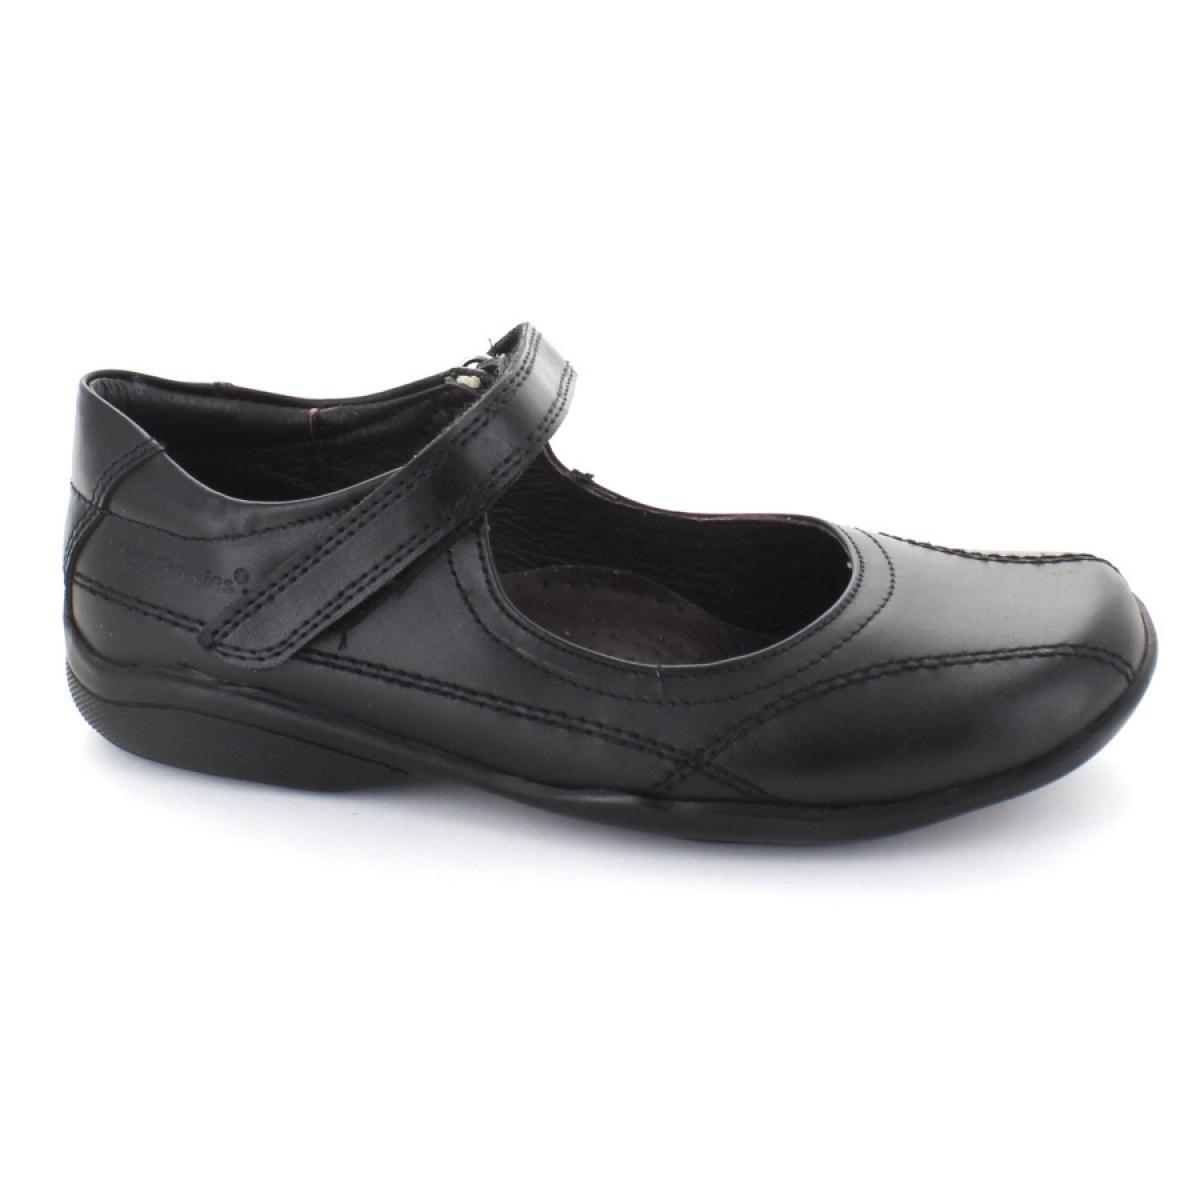 Zapato para Niña Hush Puppies 60234 Color Negro